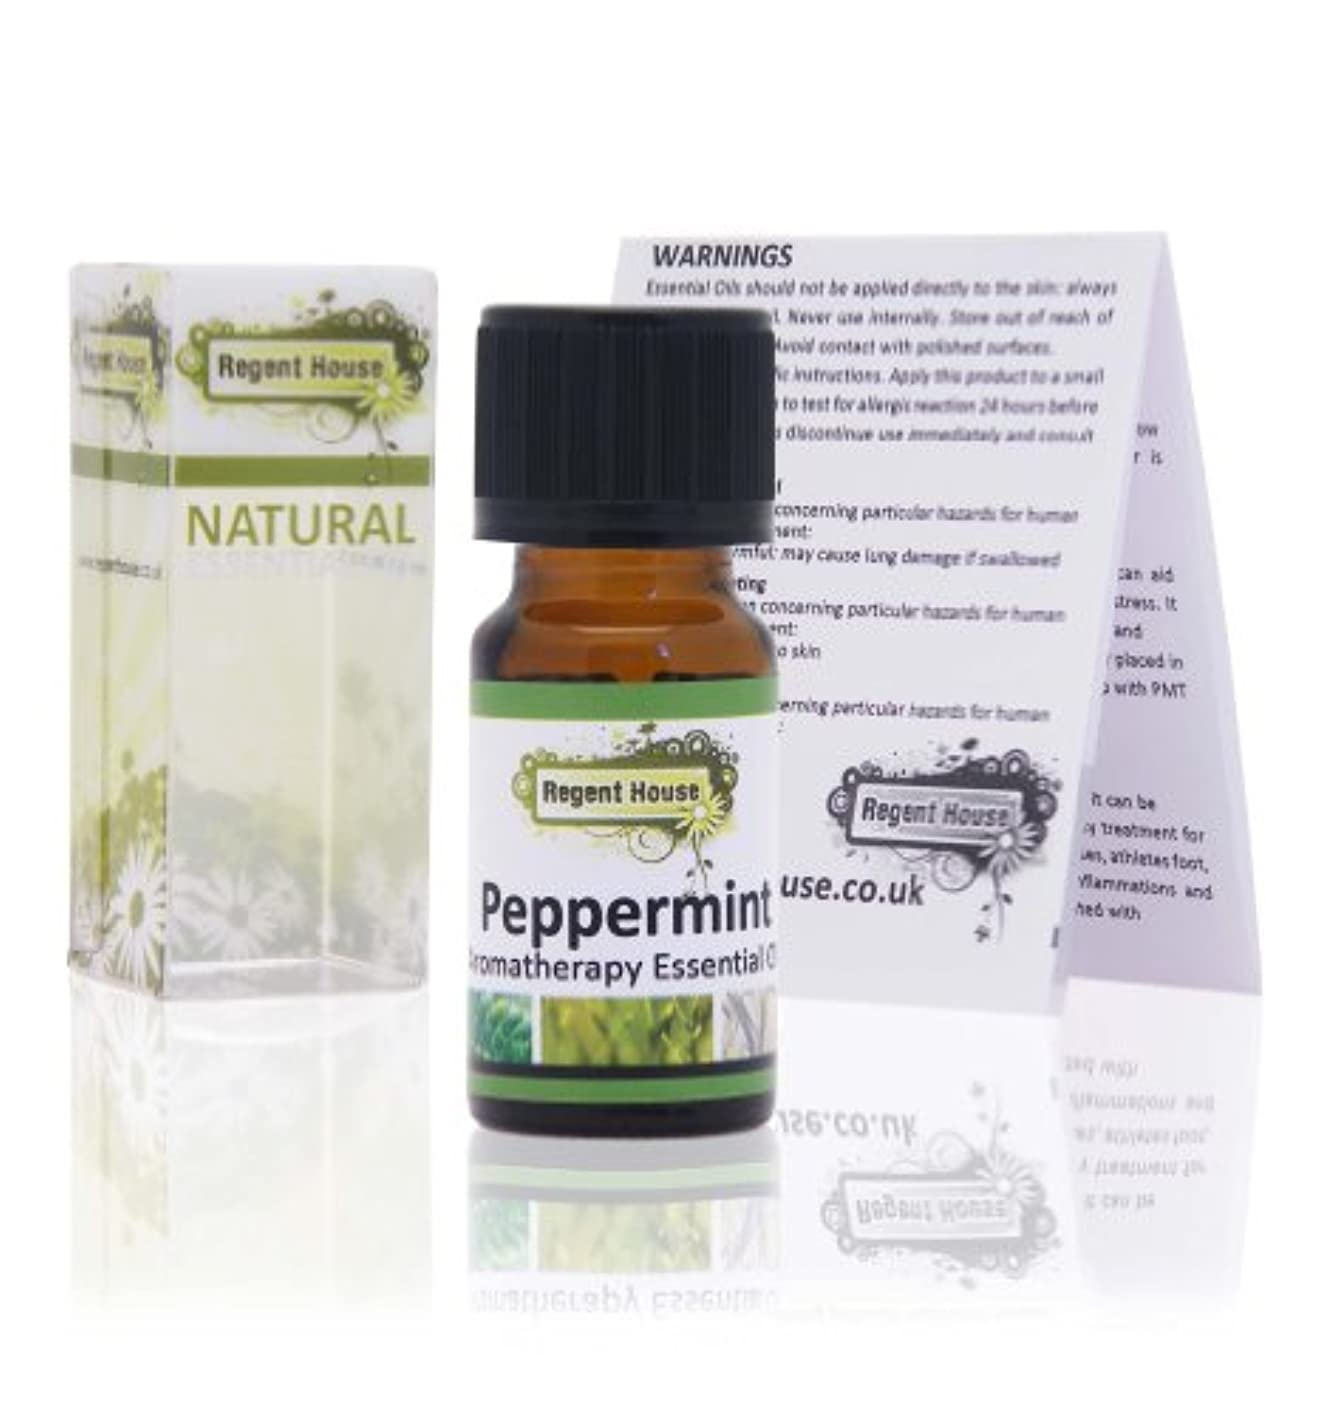 バラバラにするサスペンション住所ナチュラルエッセンシャルオイル ペパーミント(Peppermint)